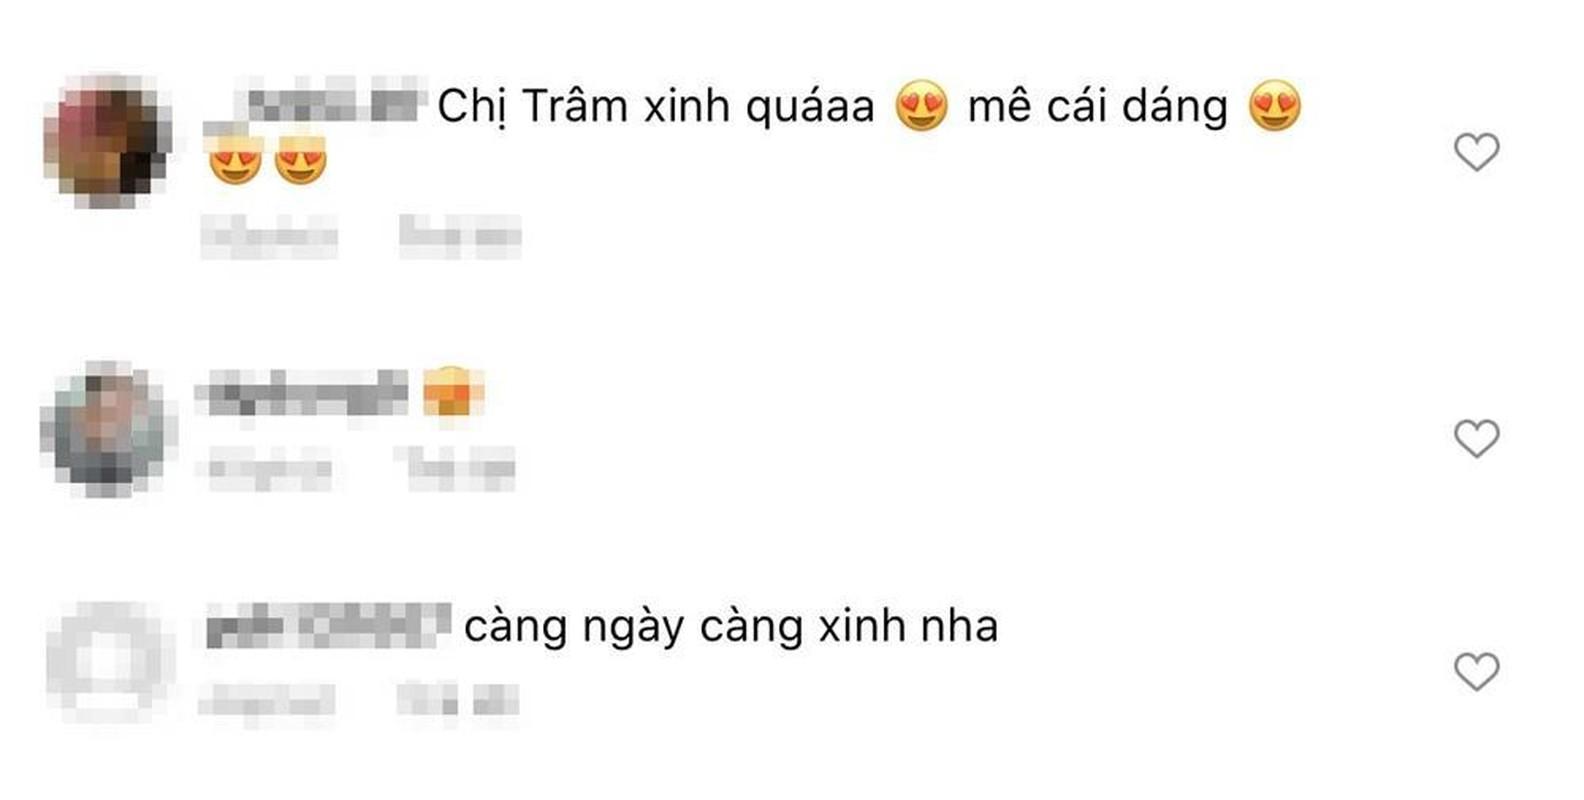 Thieu Bao Tram khoe anh